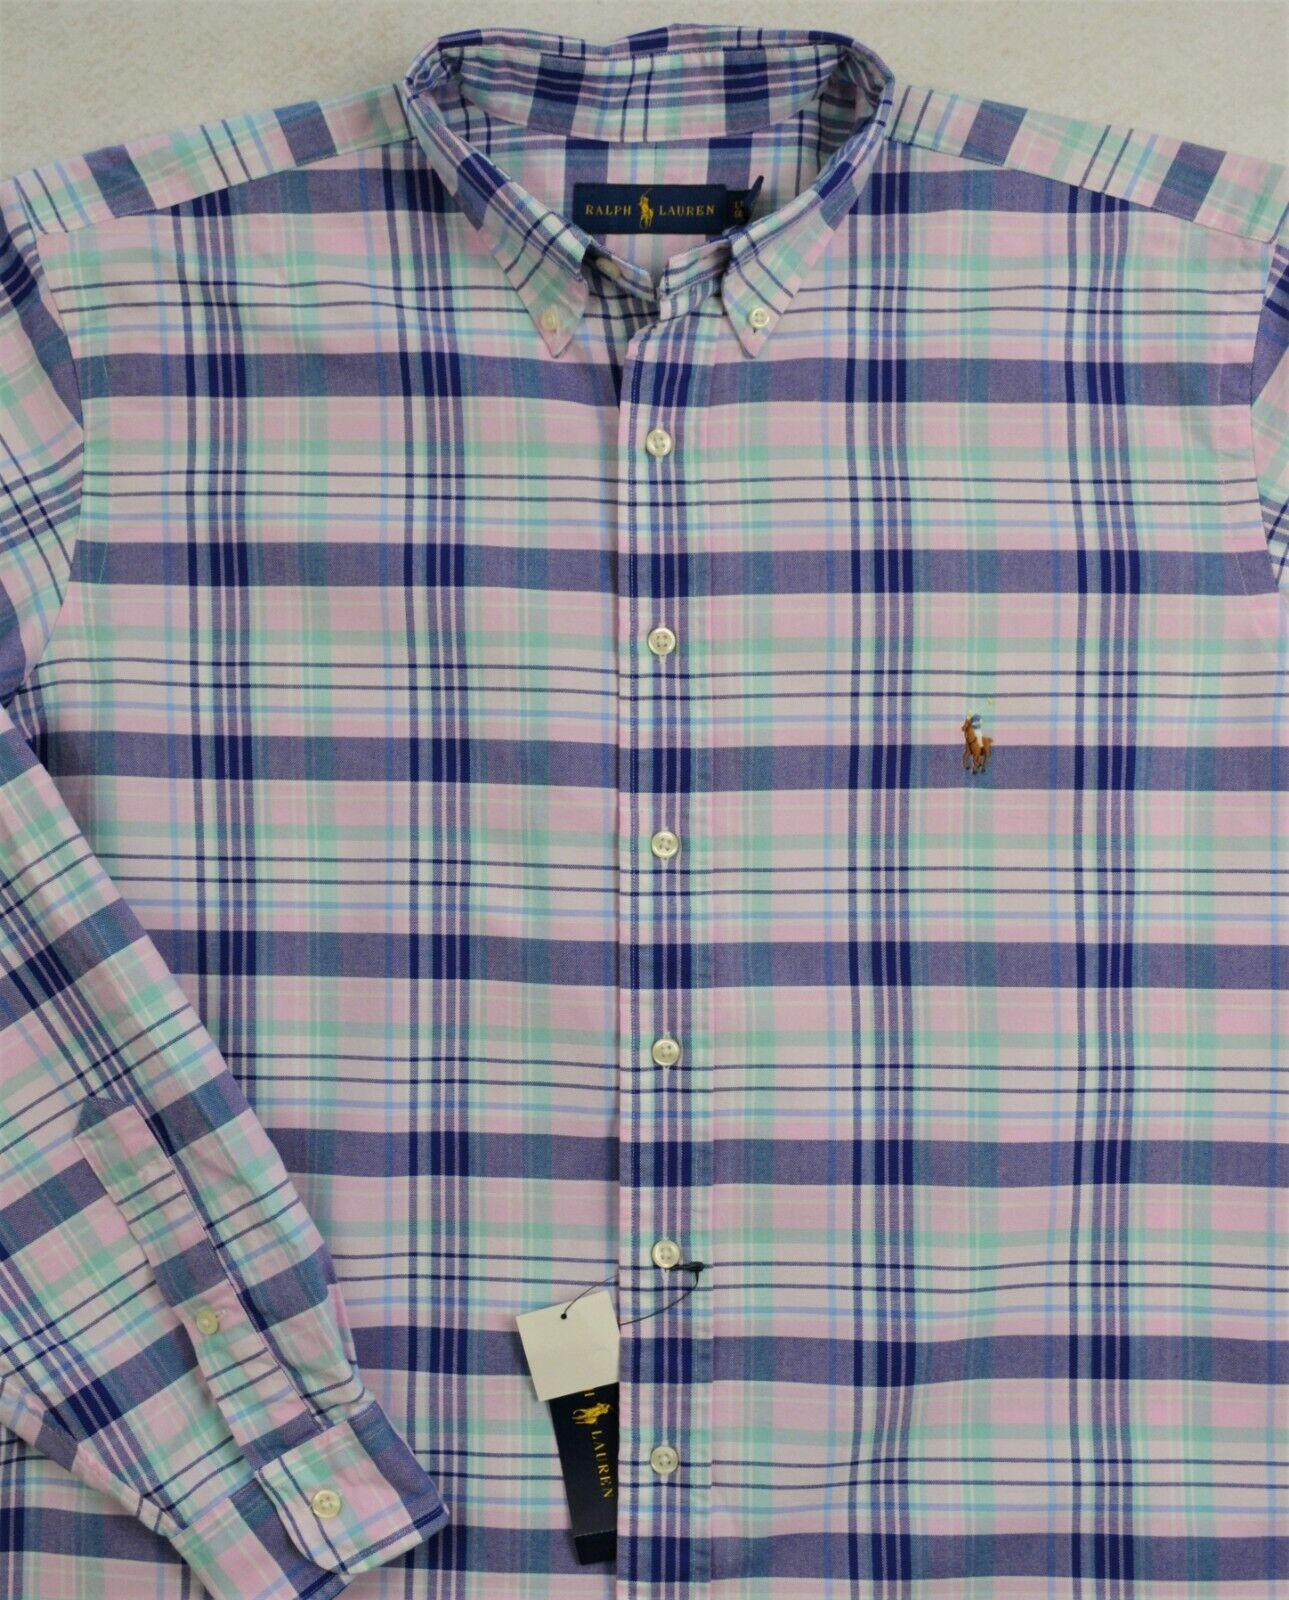 Ralph Lauren Shirt Oxford Pink Plaid Long Sleeves 2XLT & 3XLT NWT